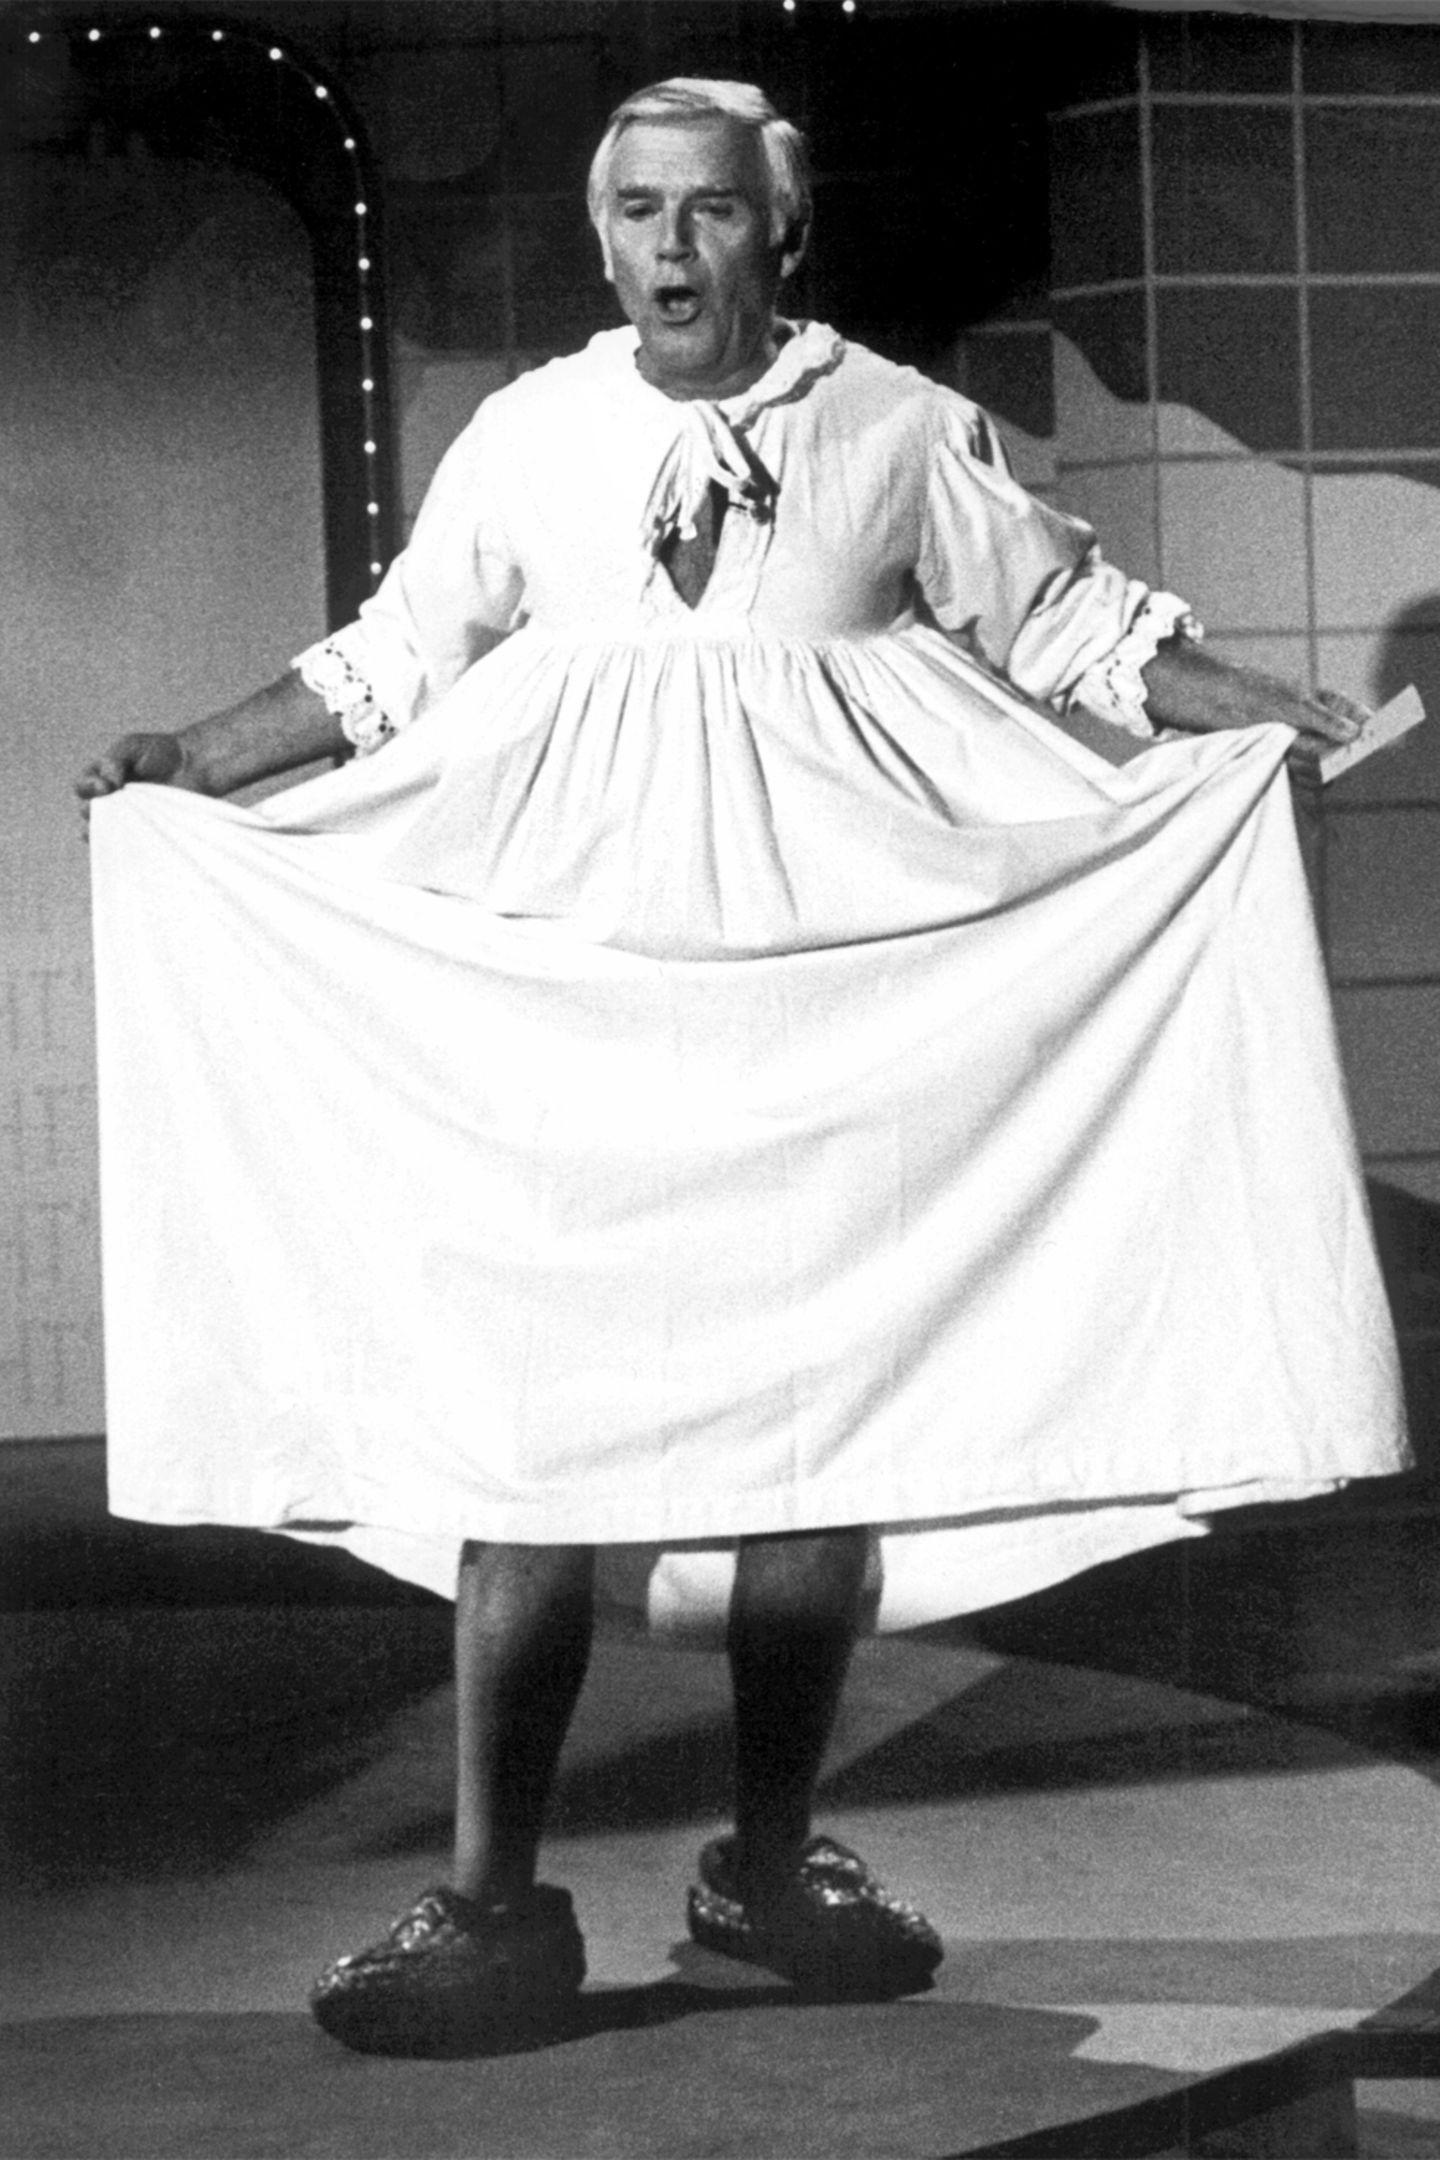 """""""Blacky"""" im Nachthemd  Und auch dieser Eklat geht auf """"Wetten, dass ..?"""" zurück: Nach einer verlorenen Wette in der damals noch von Frank Elstner moderierten ZDF-Show musste Joachim Fuchsberger am 22.10.1983 in seiner eigenen Quizsendung """"Auf los geht's los"""" im Nachthemd auflaufen. Das Publikum, damals noch nicht an die Reizüberflutung des Privatfernsehens gewöhnt, johlte. Die Kritiker hingegen ätzten: Der Auftritt im Nachthemd sei ein Sittenverfall. Fuchsberger wurde persönlich angegriffen. """"Dabei war mein Nachthemd damals ein züchtiges Bauernhemd, das bis zum Boden hing"""", verteidigte er seinen Auftritt später."""